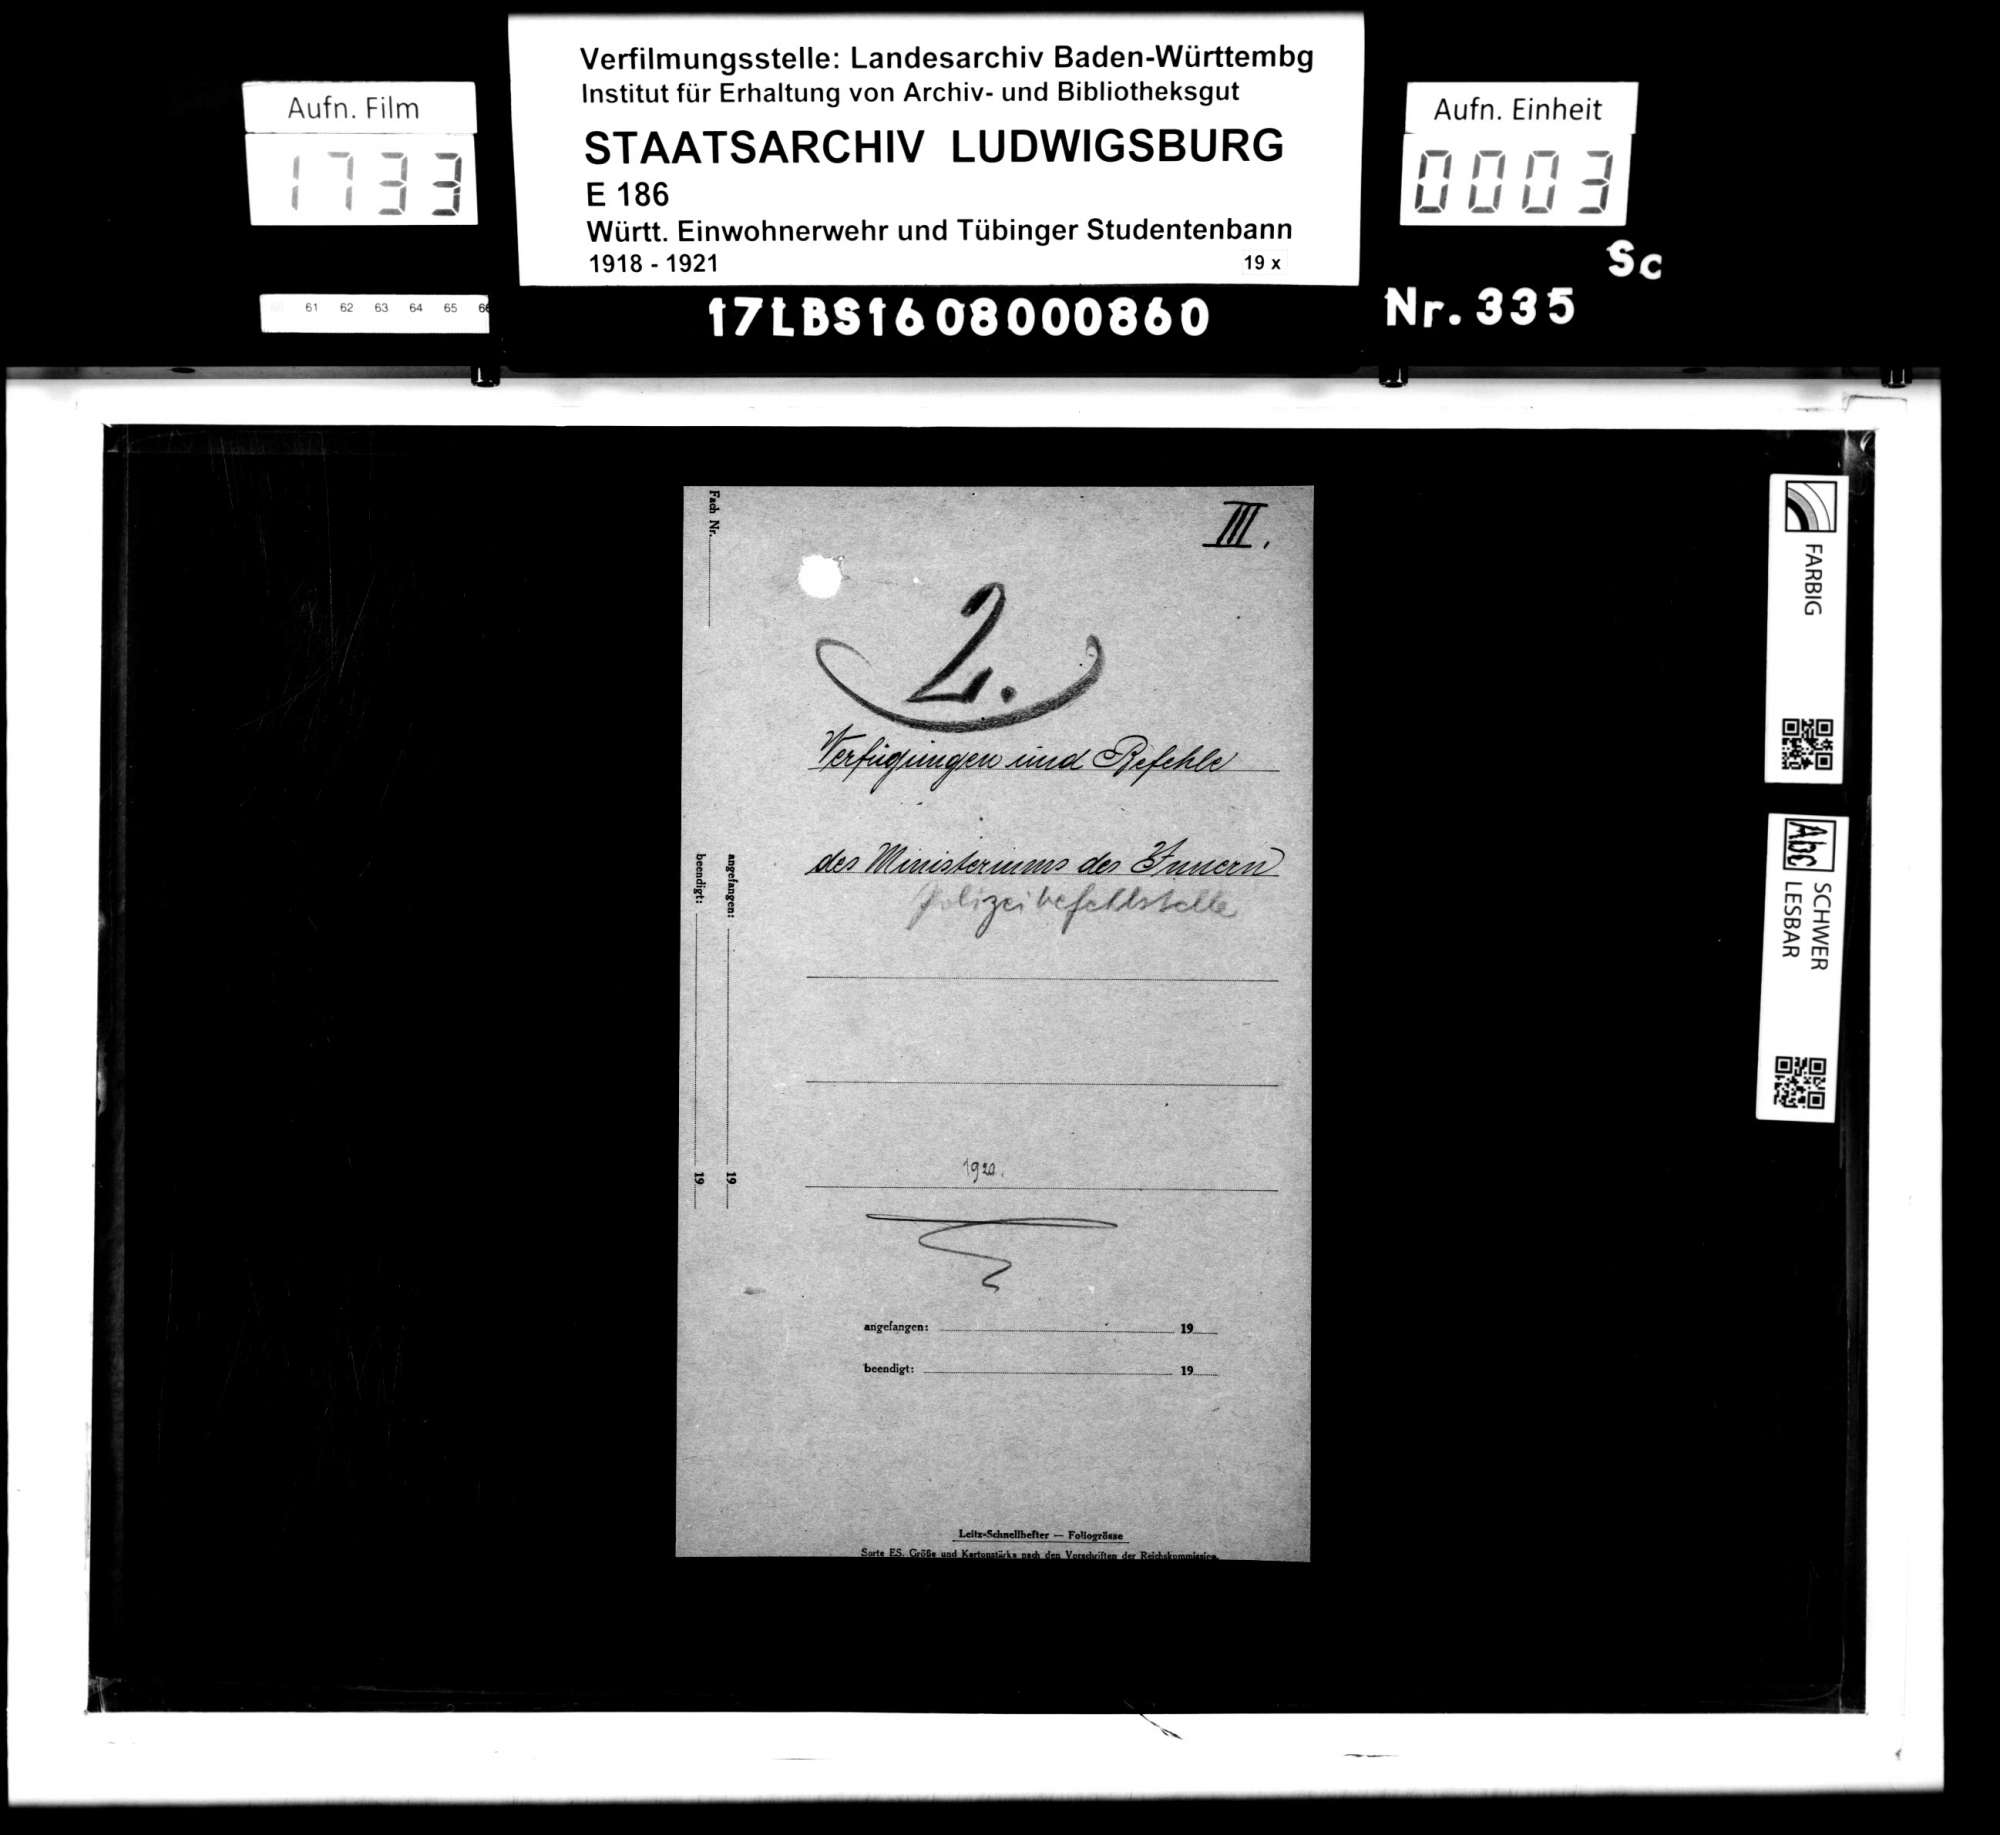 Verfügungen und Befehle des Ministeriums des Inneren/Polizeibefehlsstelle, Bild 1